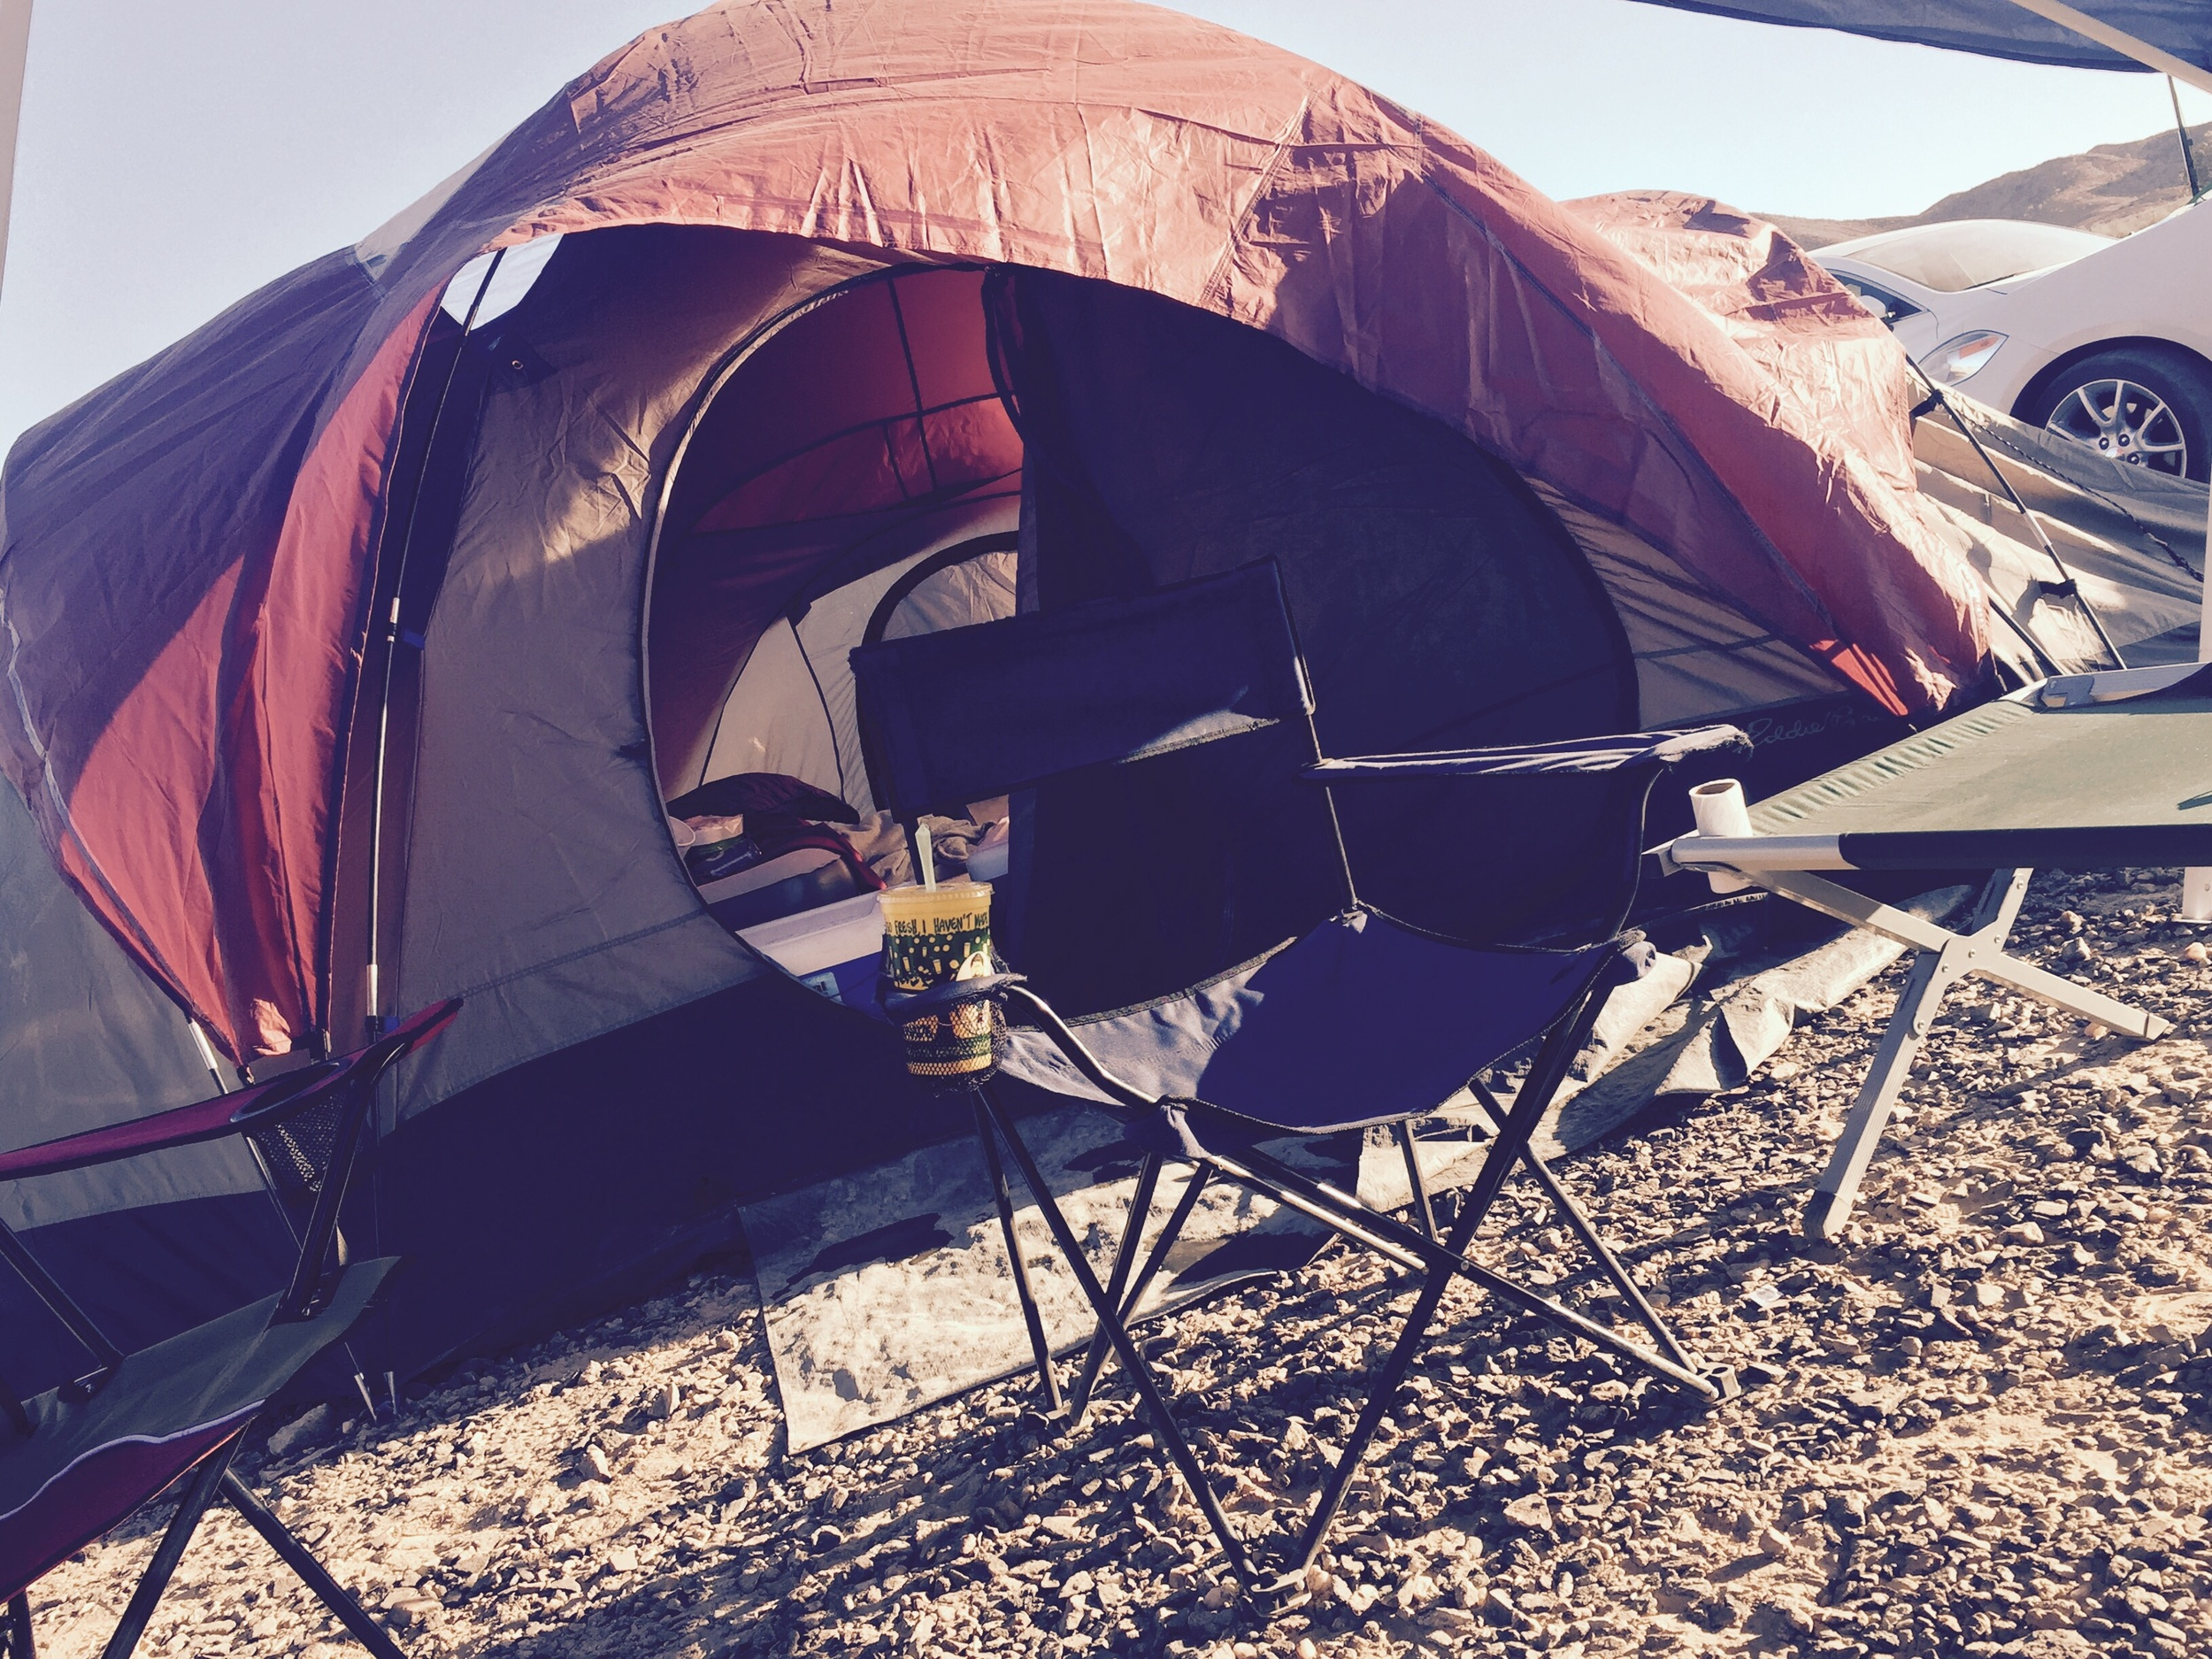 Campsite at RockFiesta, Quartsite, Arizona